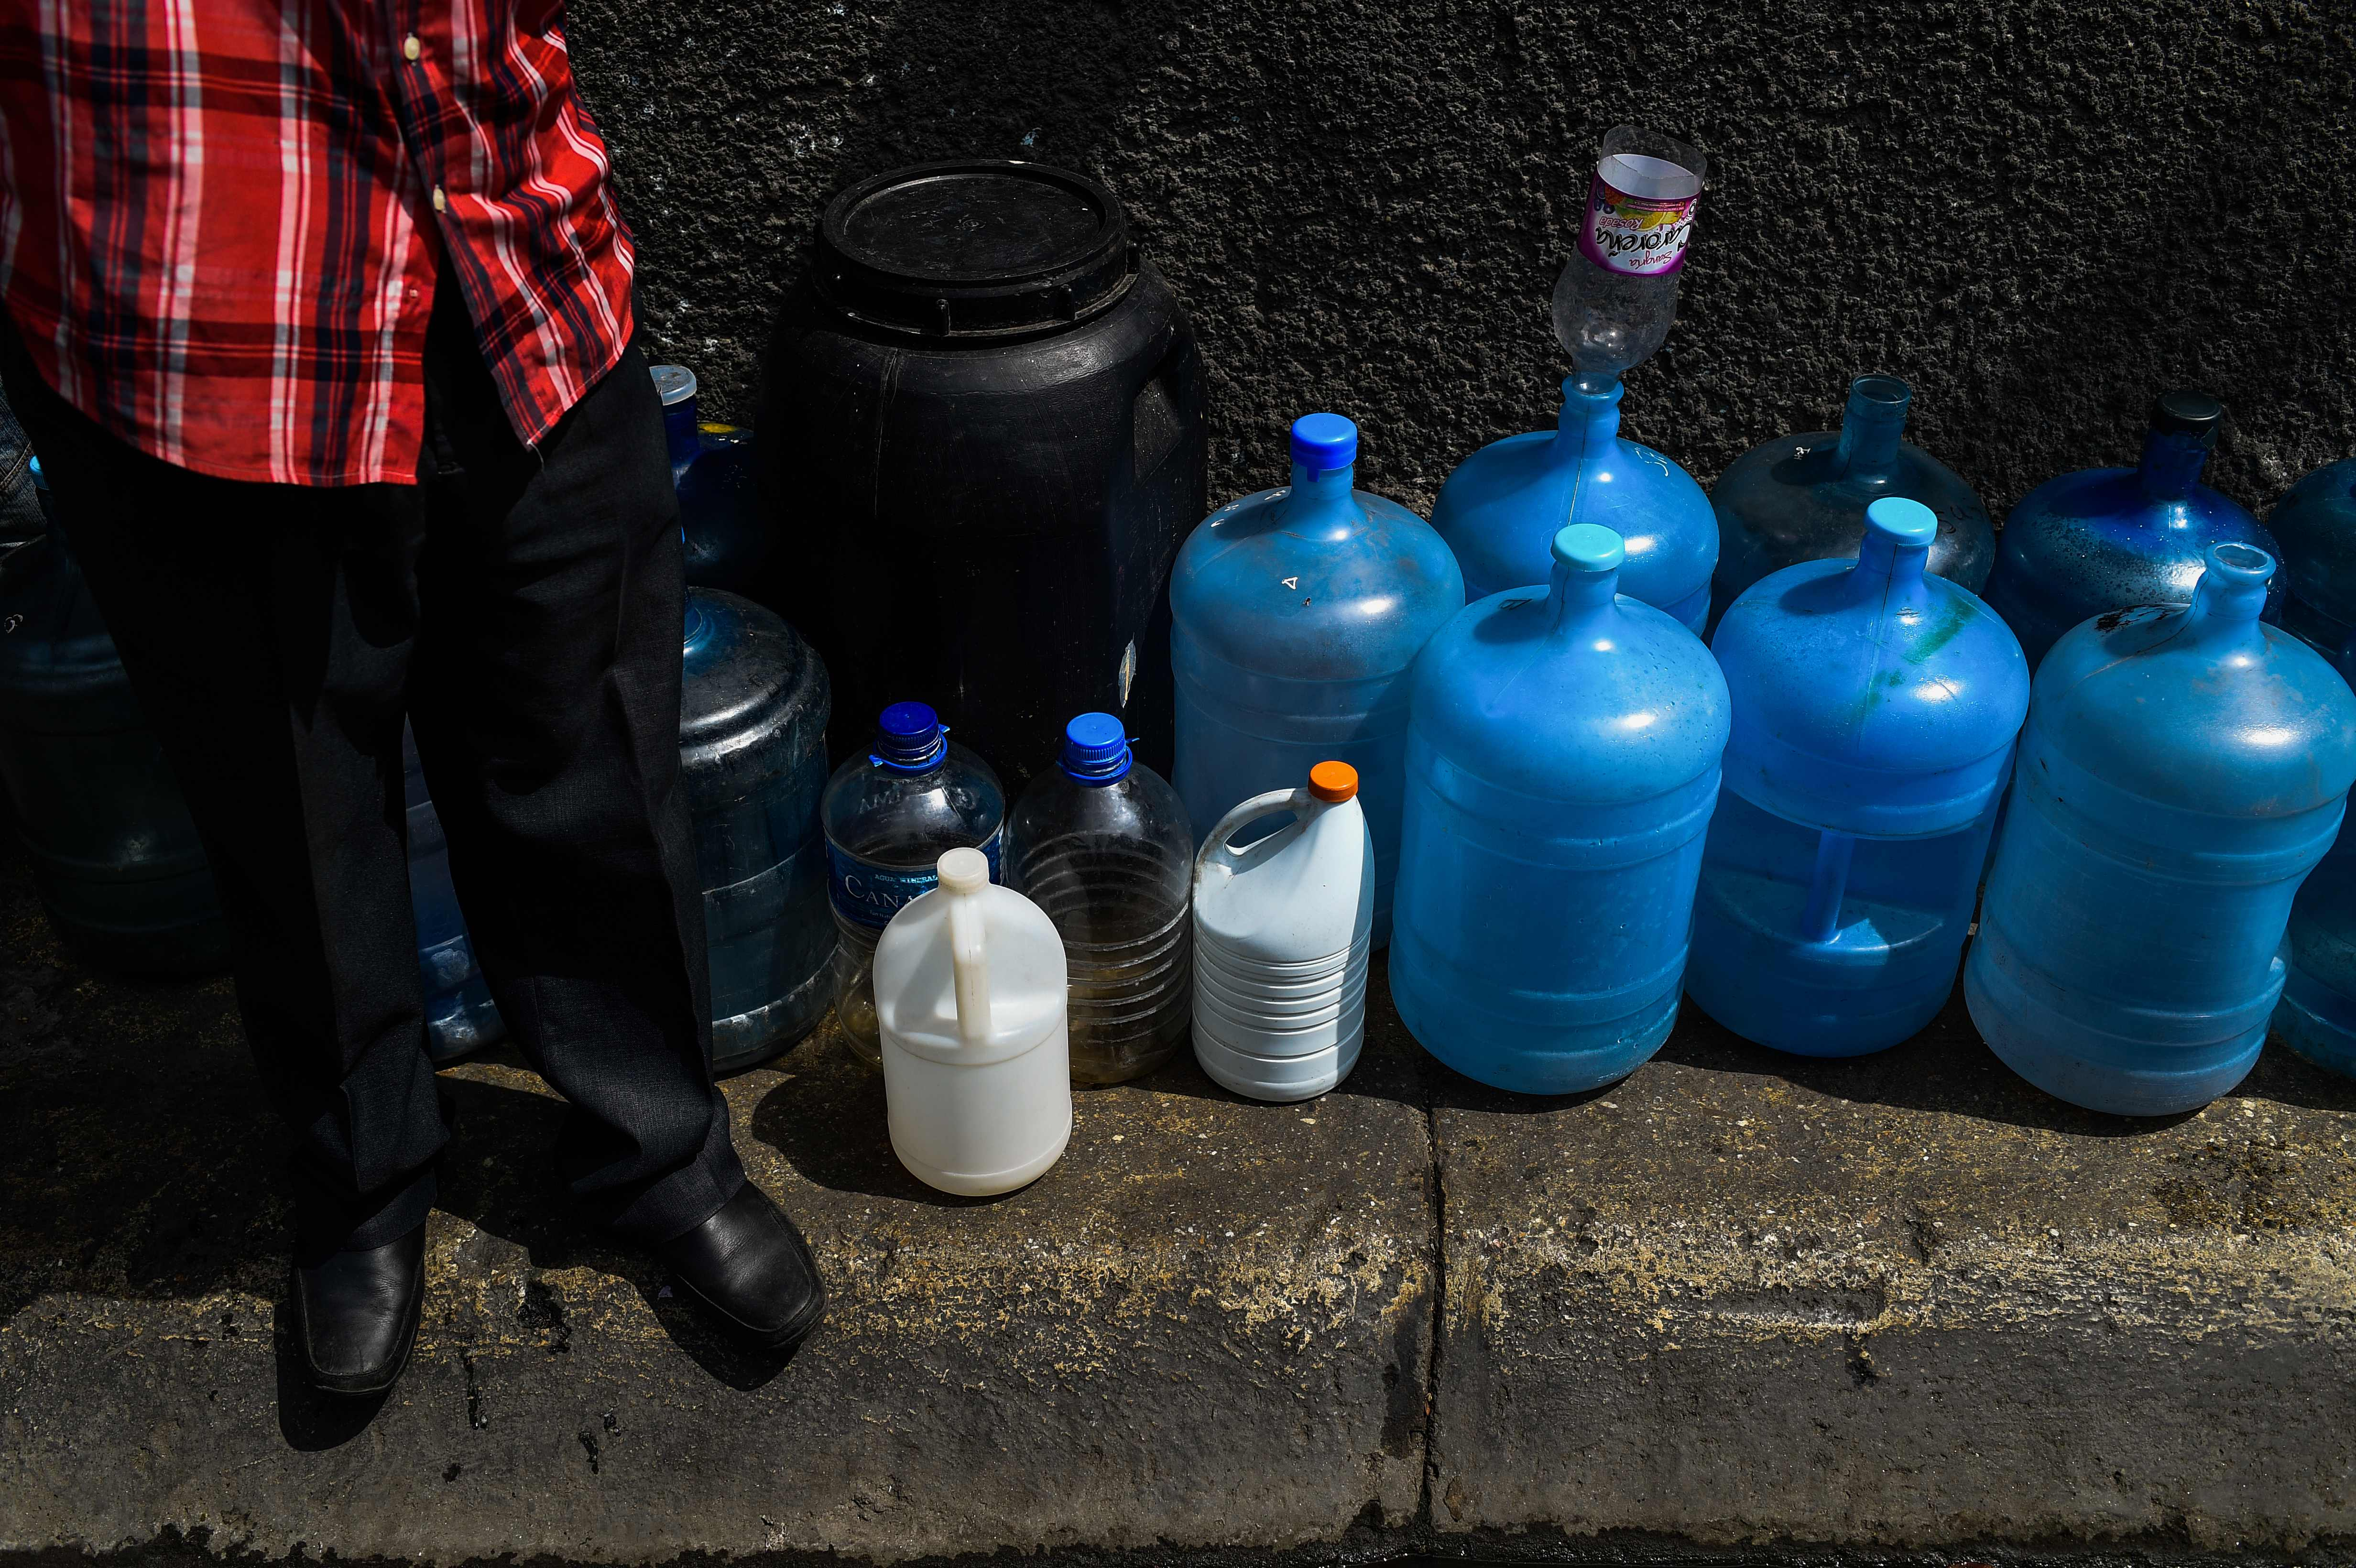 El apagón dejó a millones sin agua corriente. Muchas personas se alinearon para comprar agua embotellada en los supermercados de Caracas